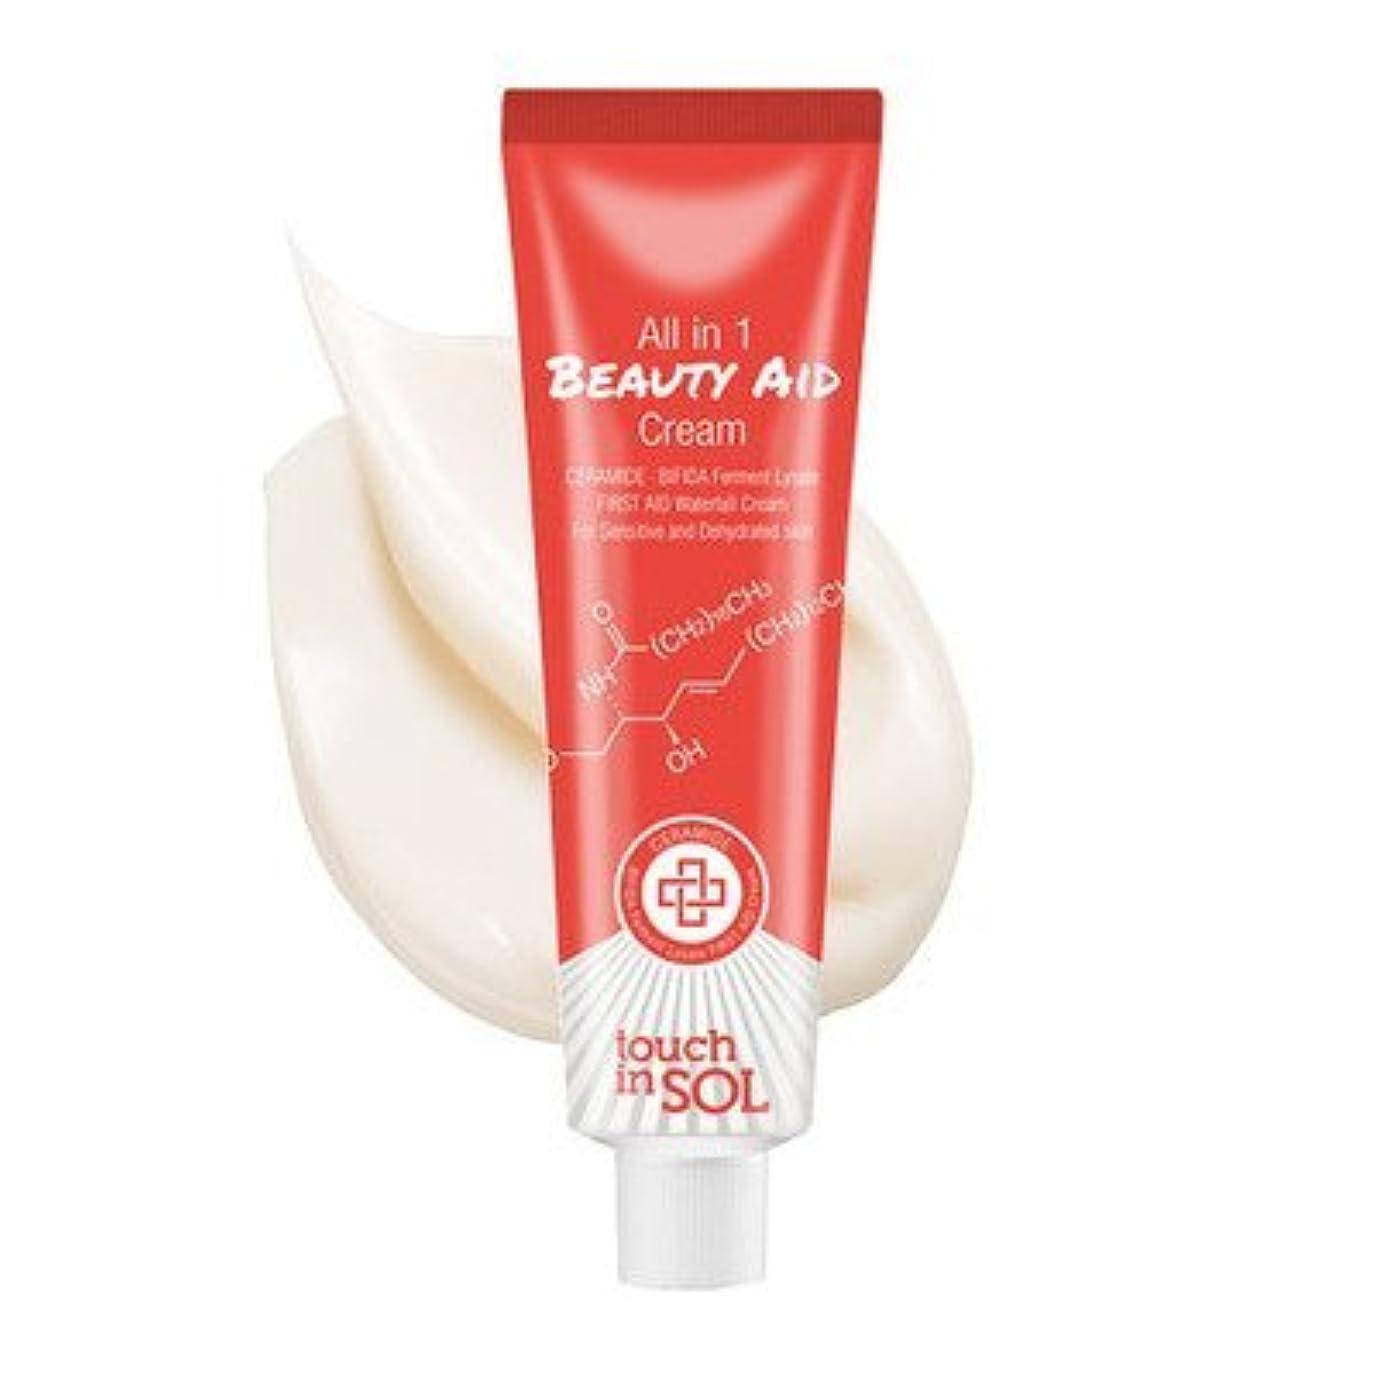 定期的に自分のために忙しいTOUCH IN SOL((タッチ イン ソル)オールインワンビューティーエードクリーム/(TOUCH IN SOL)beauty aid cream [並行輸入品]